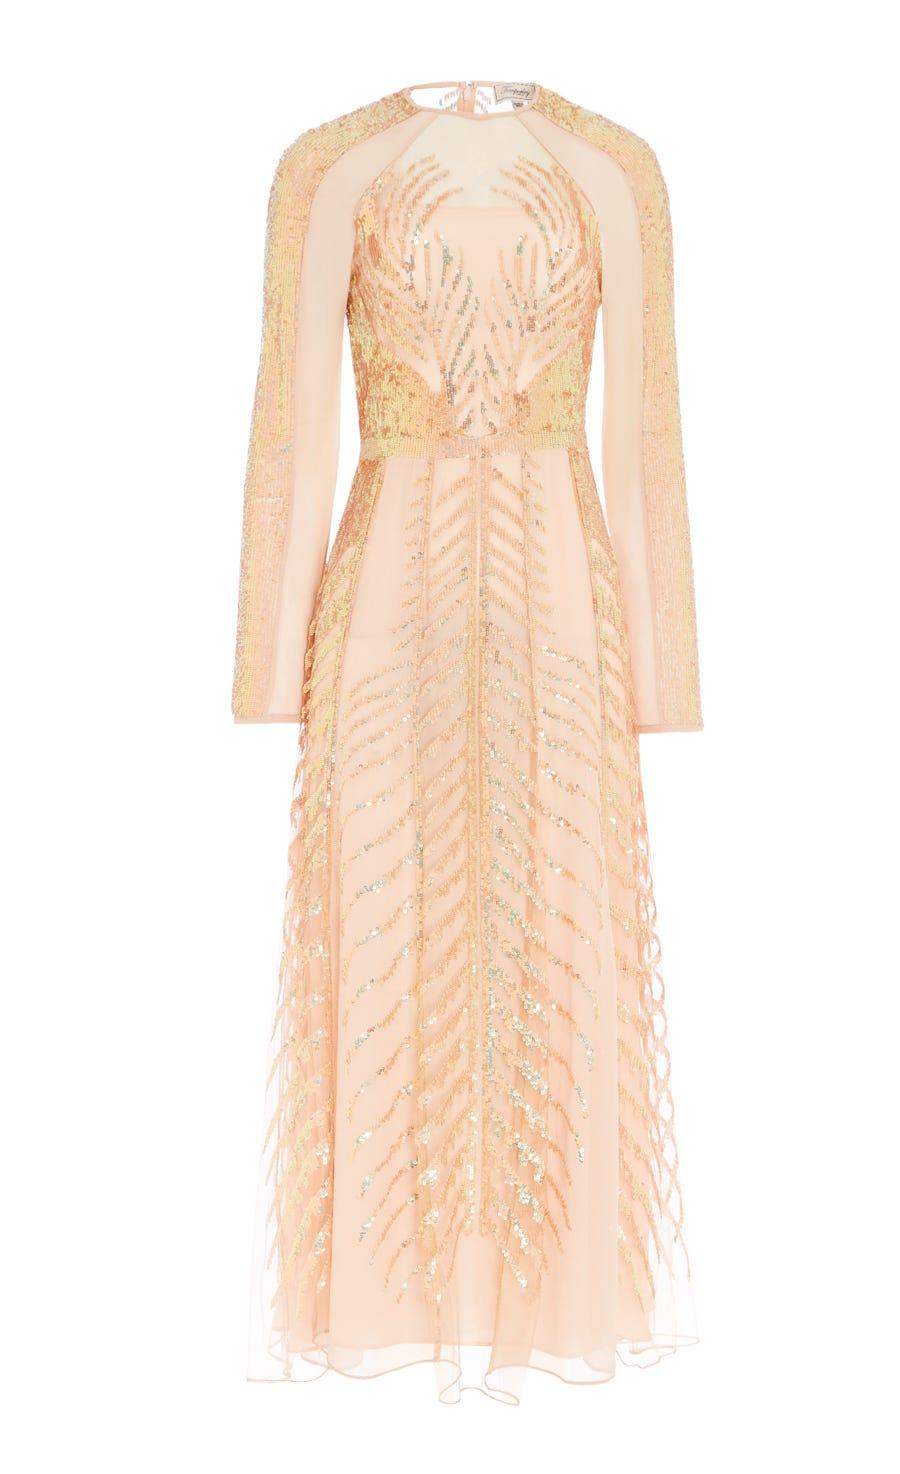 Dusk Sleeved Dress